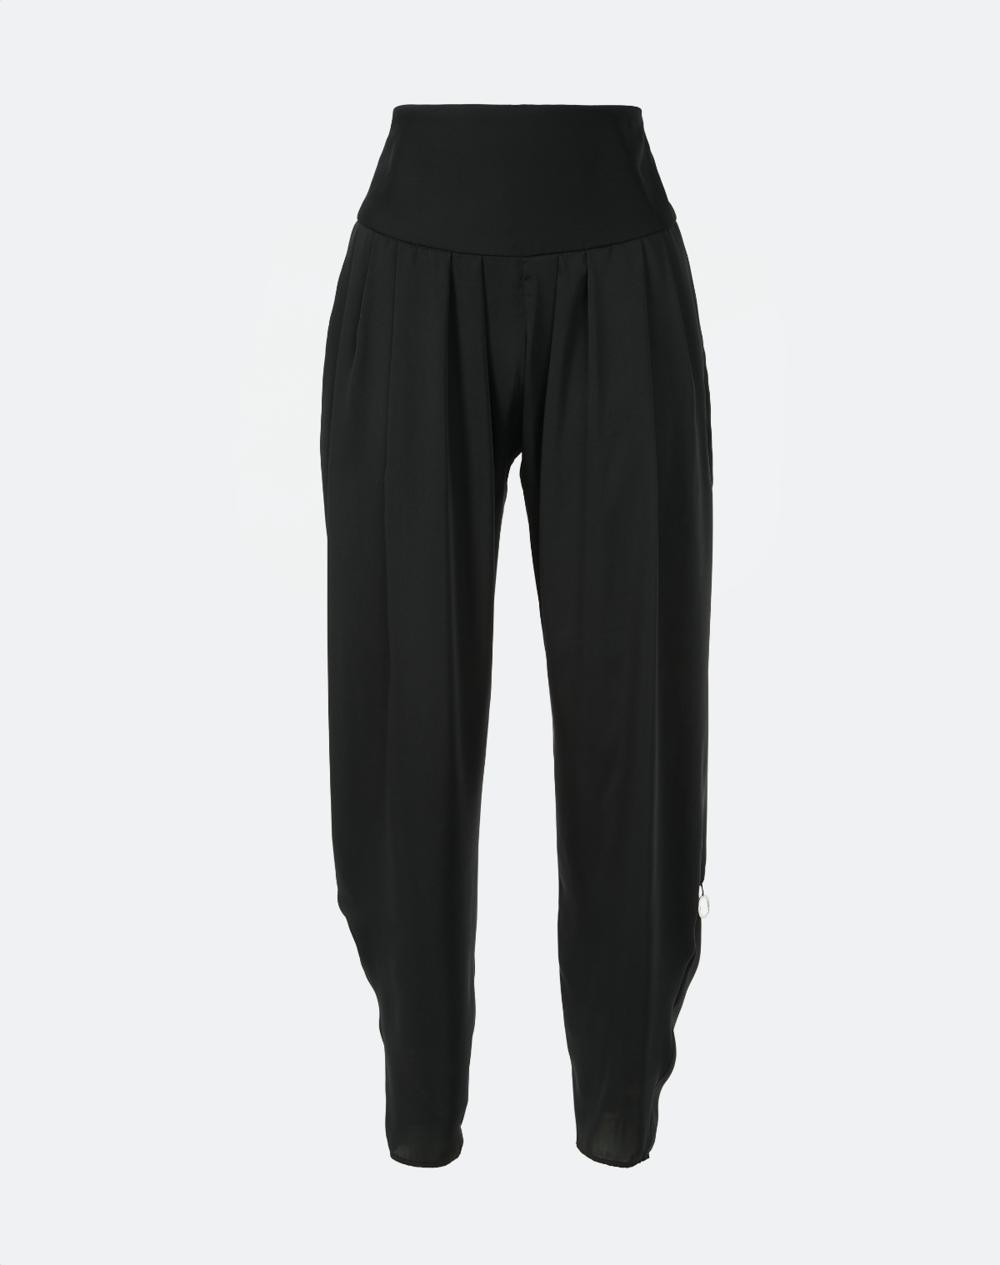 Spodnie Karsavina z kolekcji Six Essential Pants, projekt Ania Kuczyńska